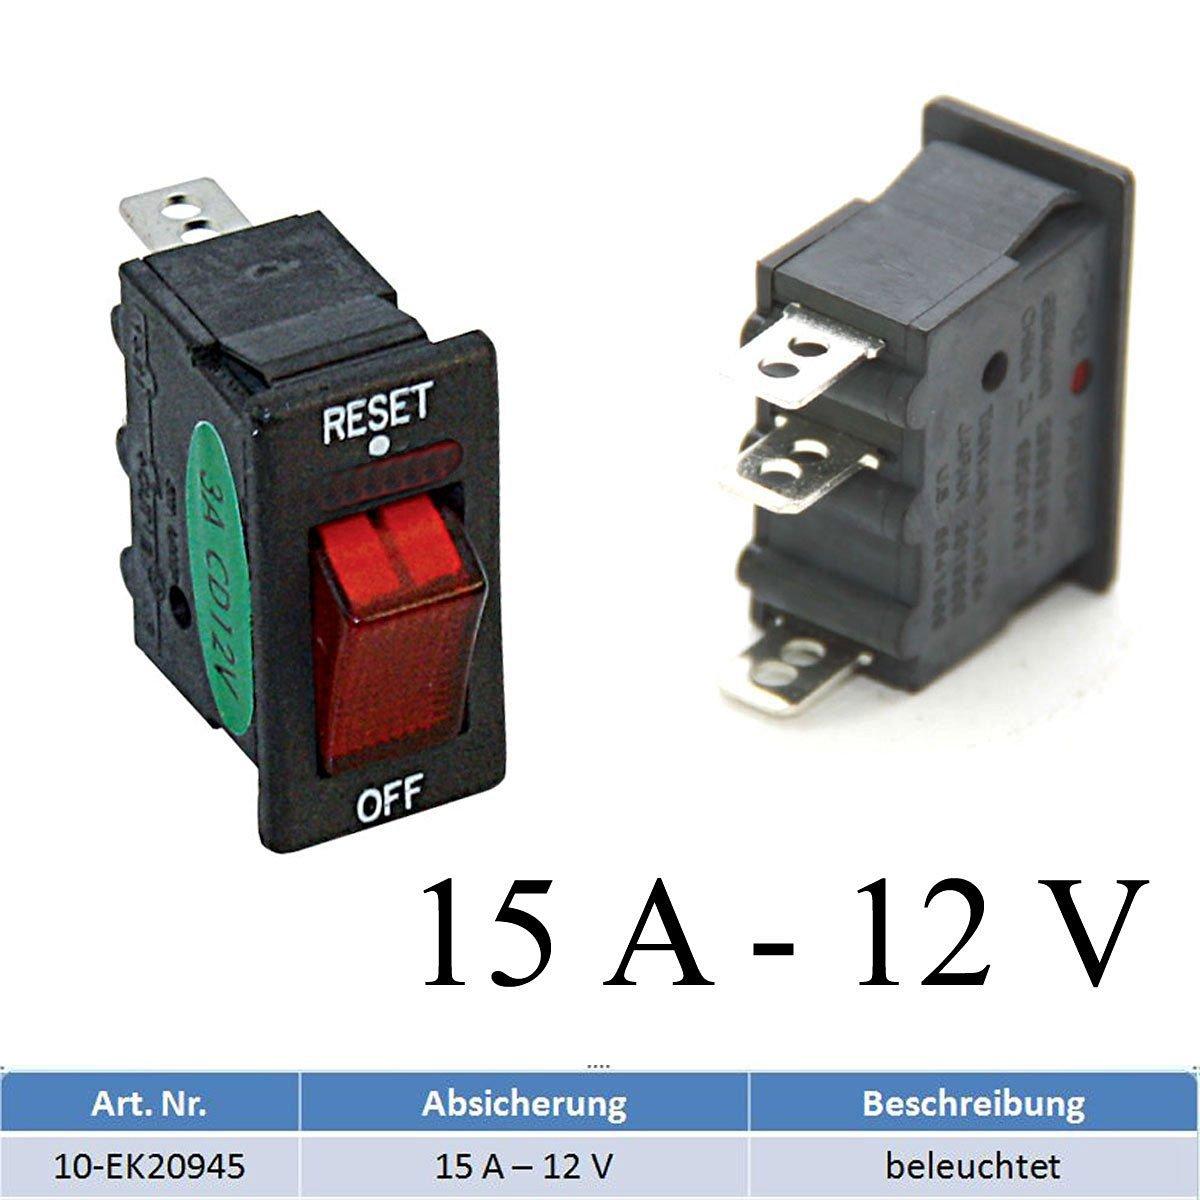 Sicherungsautomat Schutzschalter 12 Volt/15 Ampere mit Beleuchtung bootsshop in Bad Ischl